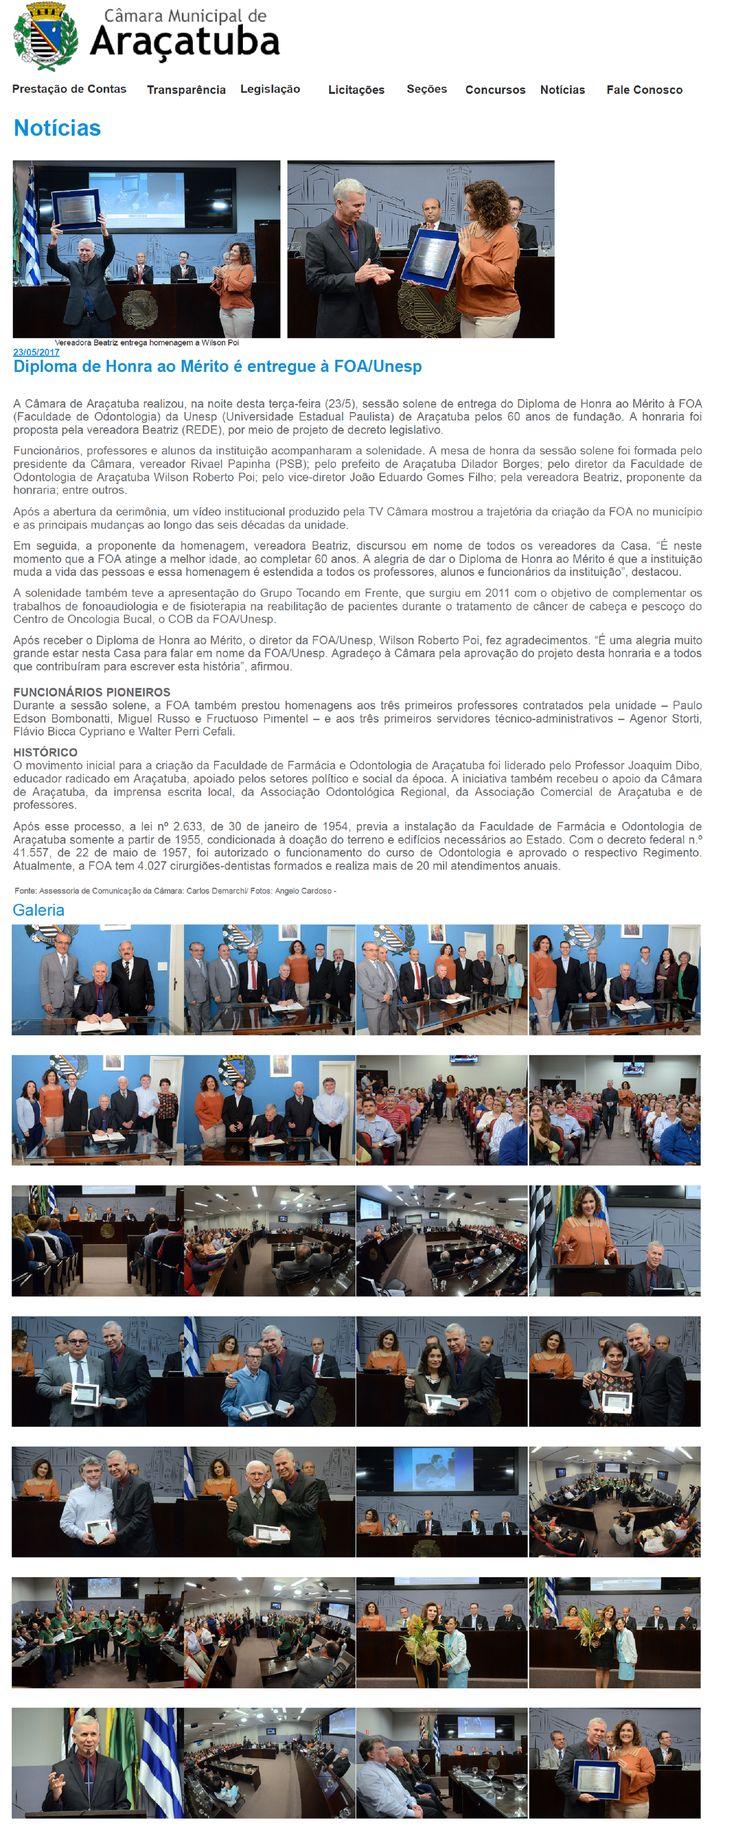 Diploma de Honra ao Mérito é entregue à FOA/Unesp. Fonte: Câmara Municipal de Araçatuba